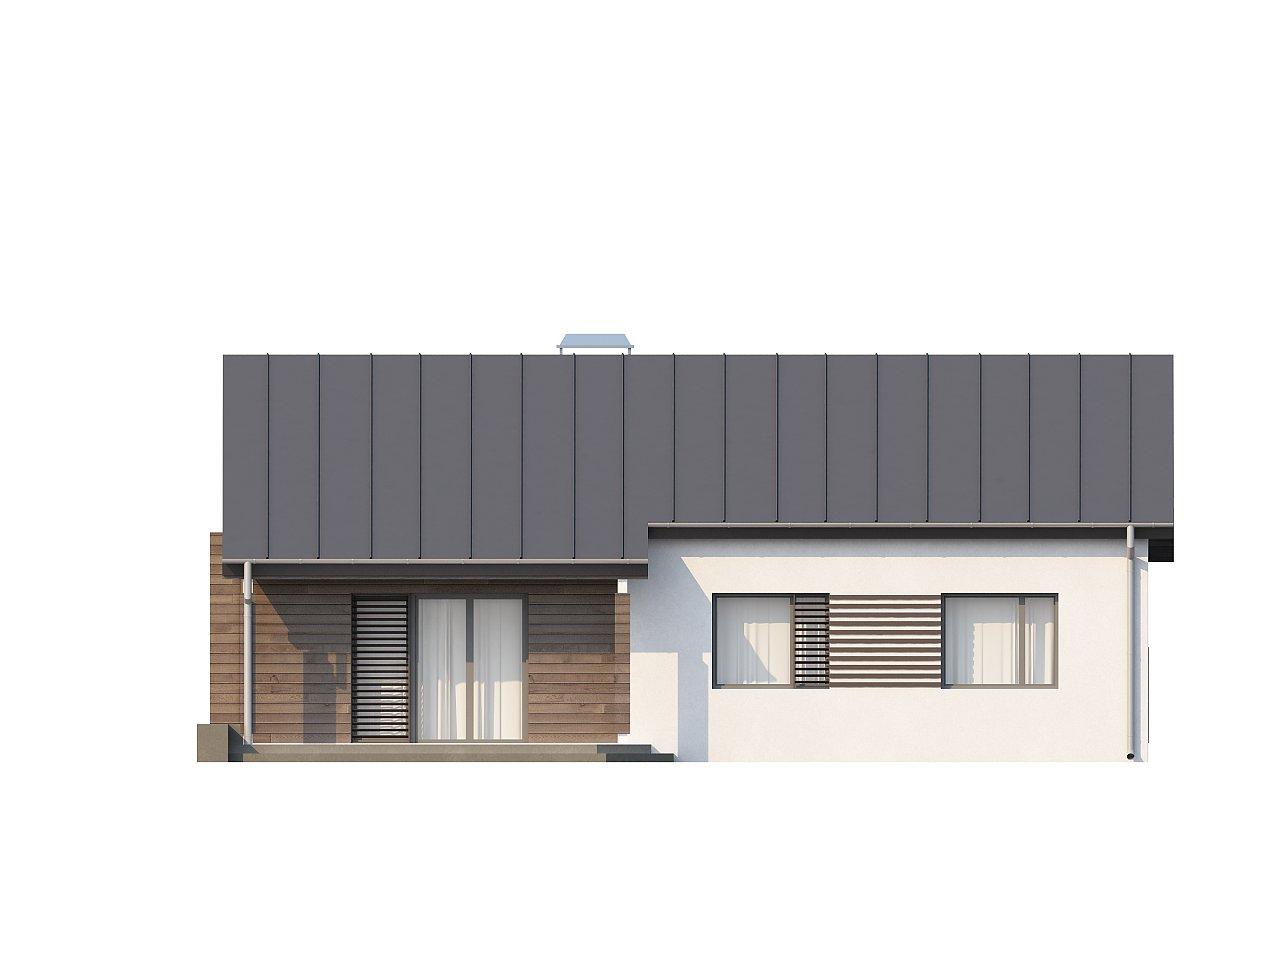 Функциональный одноэтажный дом с современными элементами отделки фасадов. - фото 22